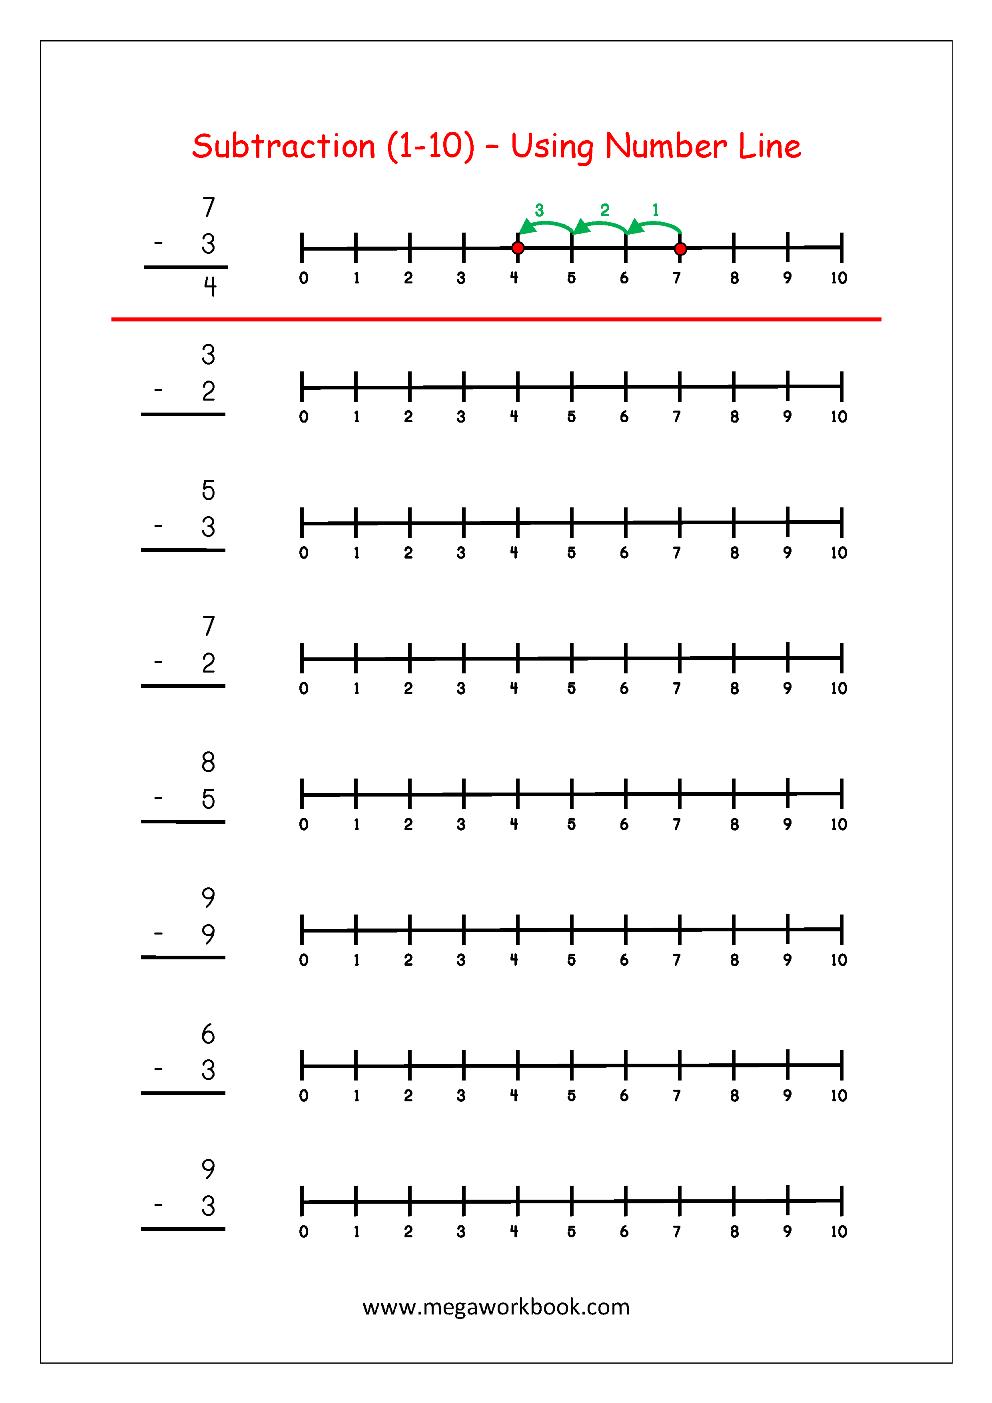 Subtraction Using Number Line   Maths Worksheets For Kindergarten - Free Printable Number Line Worksheets